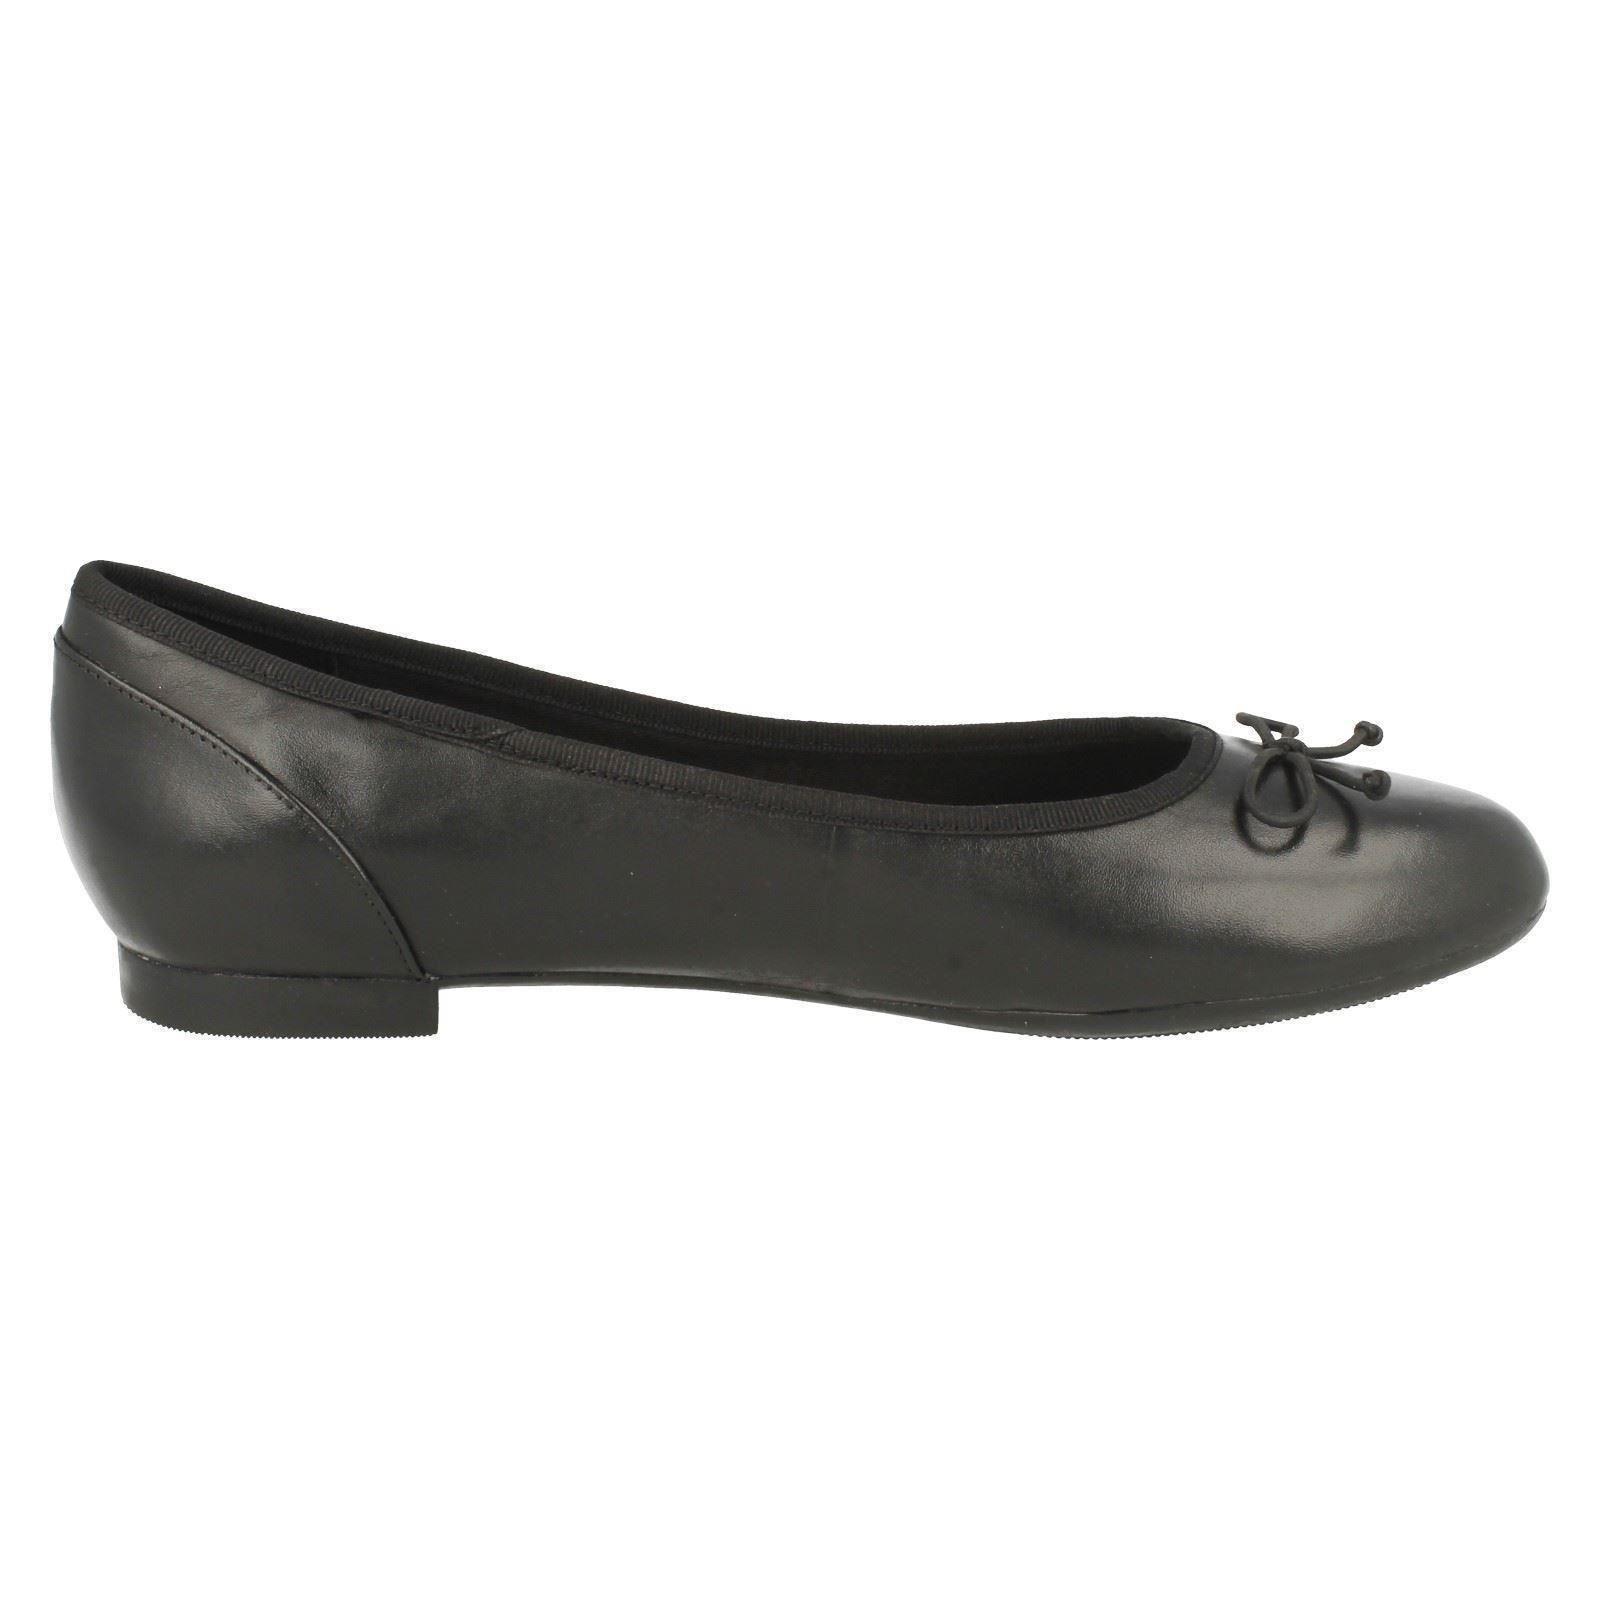 Damas Clarks Ballet Zapatos sin Taco Sin el estilo-Couture Bloom